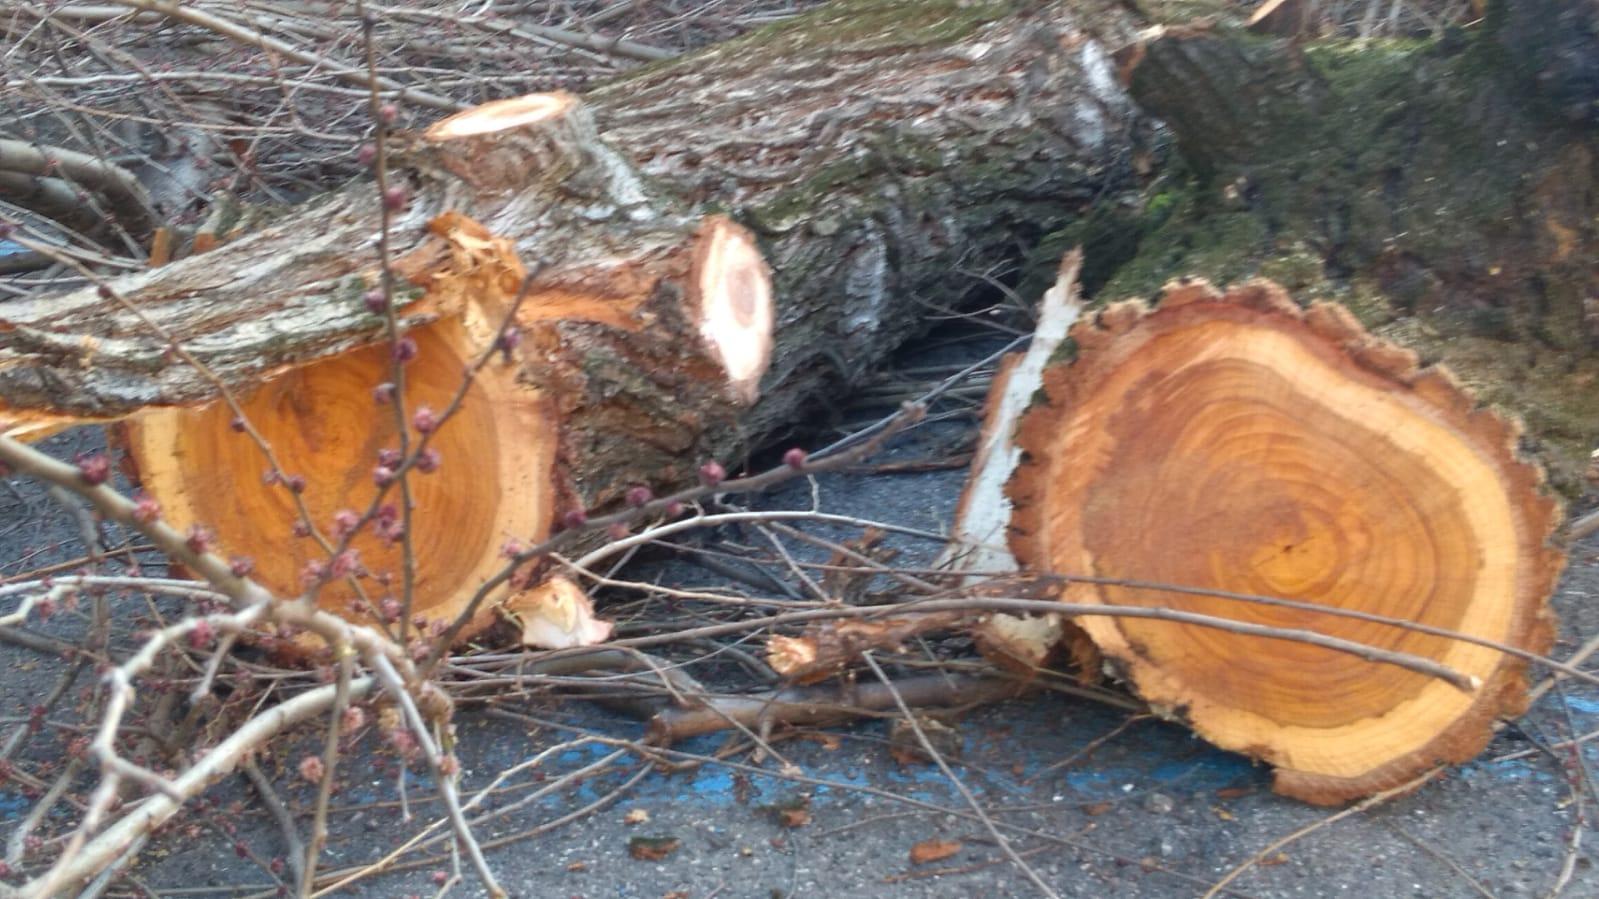 Via Bentivogli: perché tagliare gli alberi non era l'unica soluzione